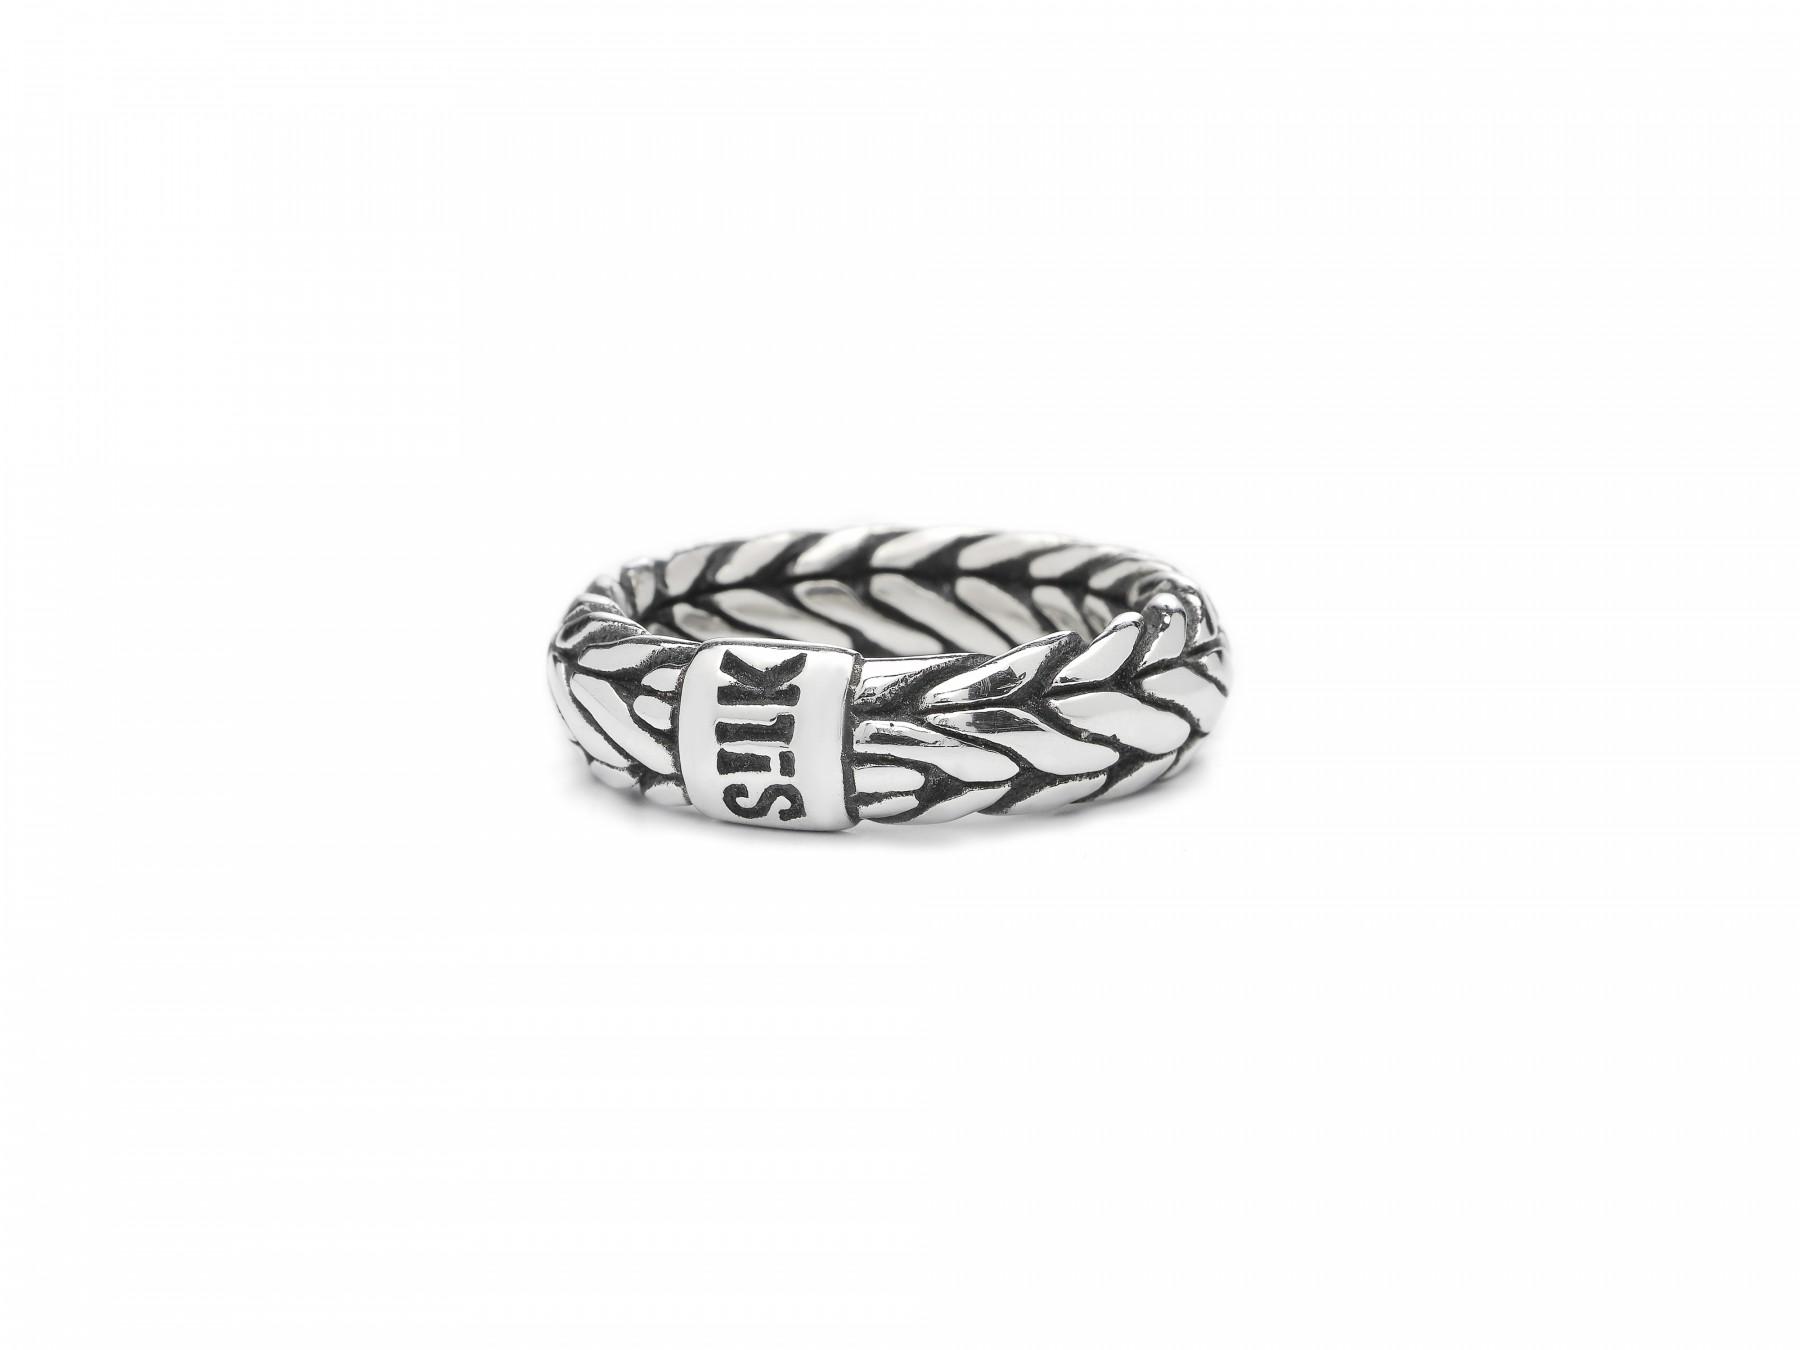 Silk Jewellery 352-18,5 Ring zilver Maat 58 is 18.5mm